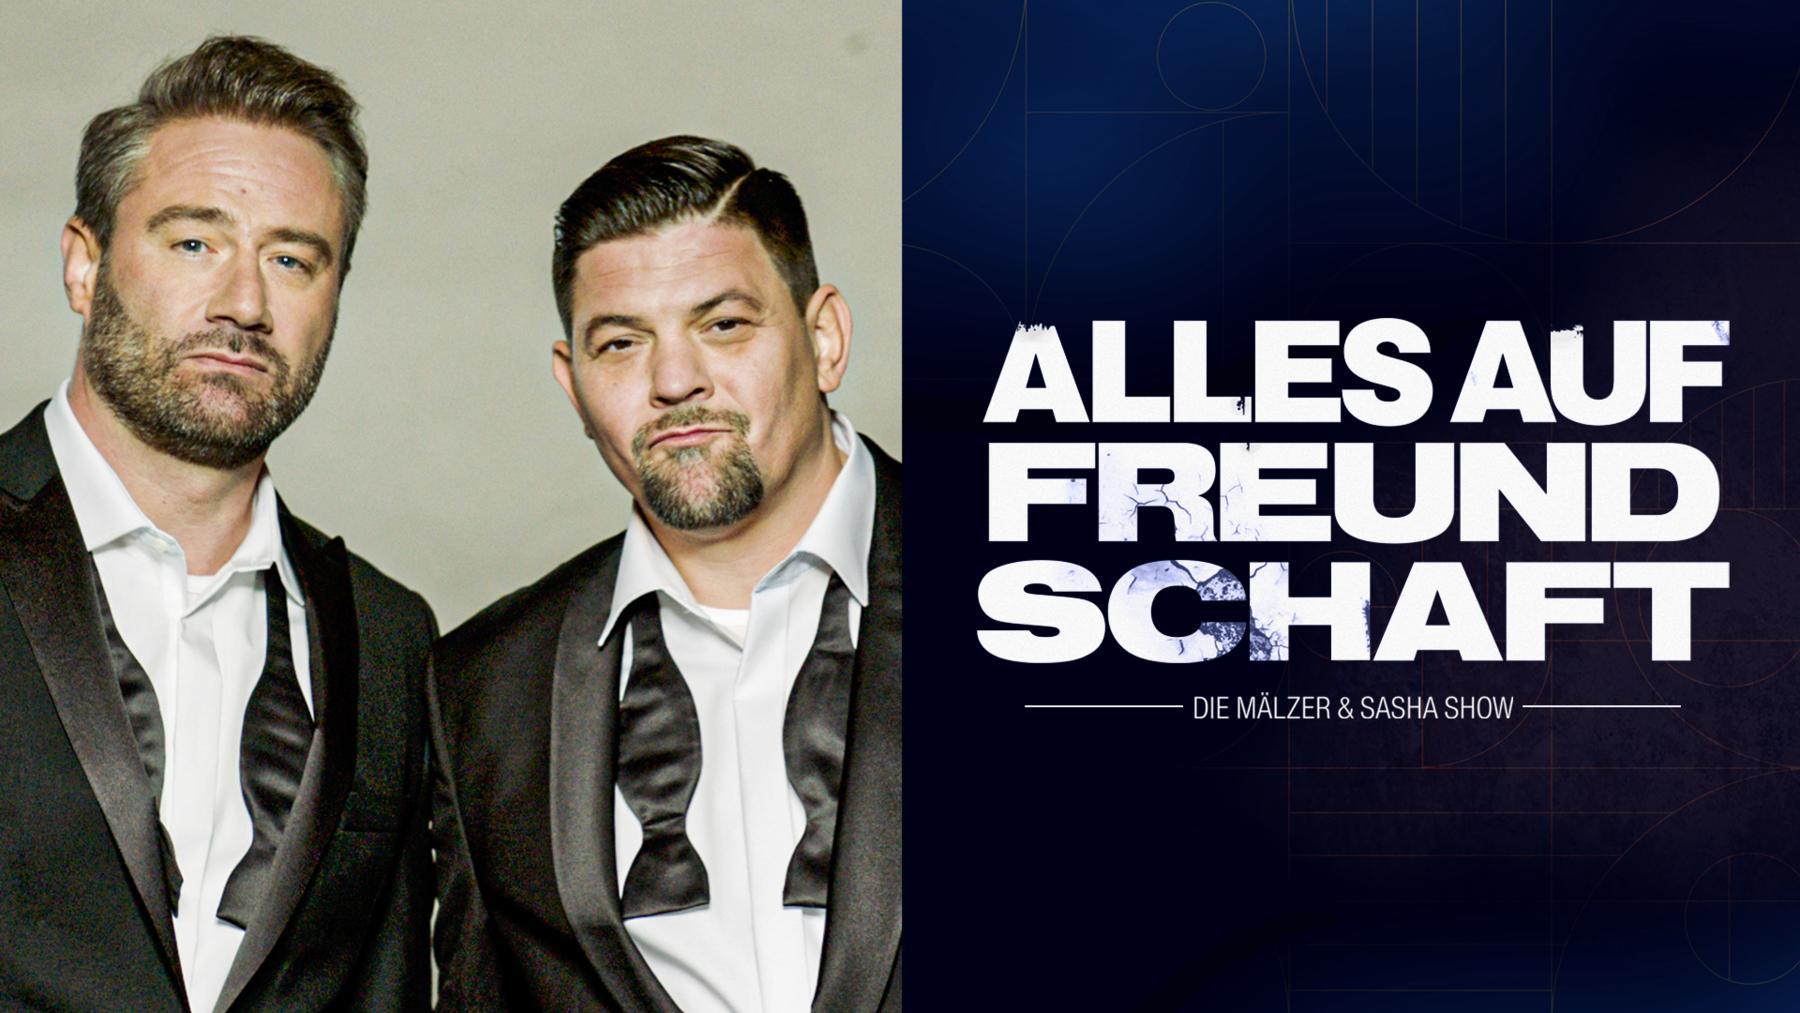 Alles auf Freundschaft - Die Mälzer & Sasha Show